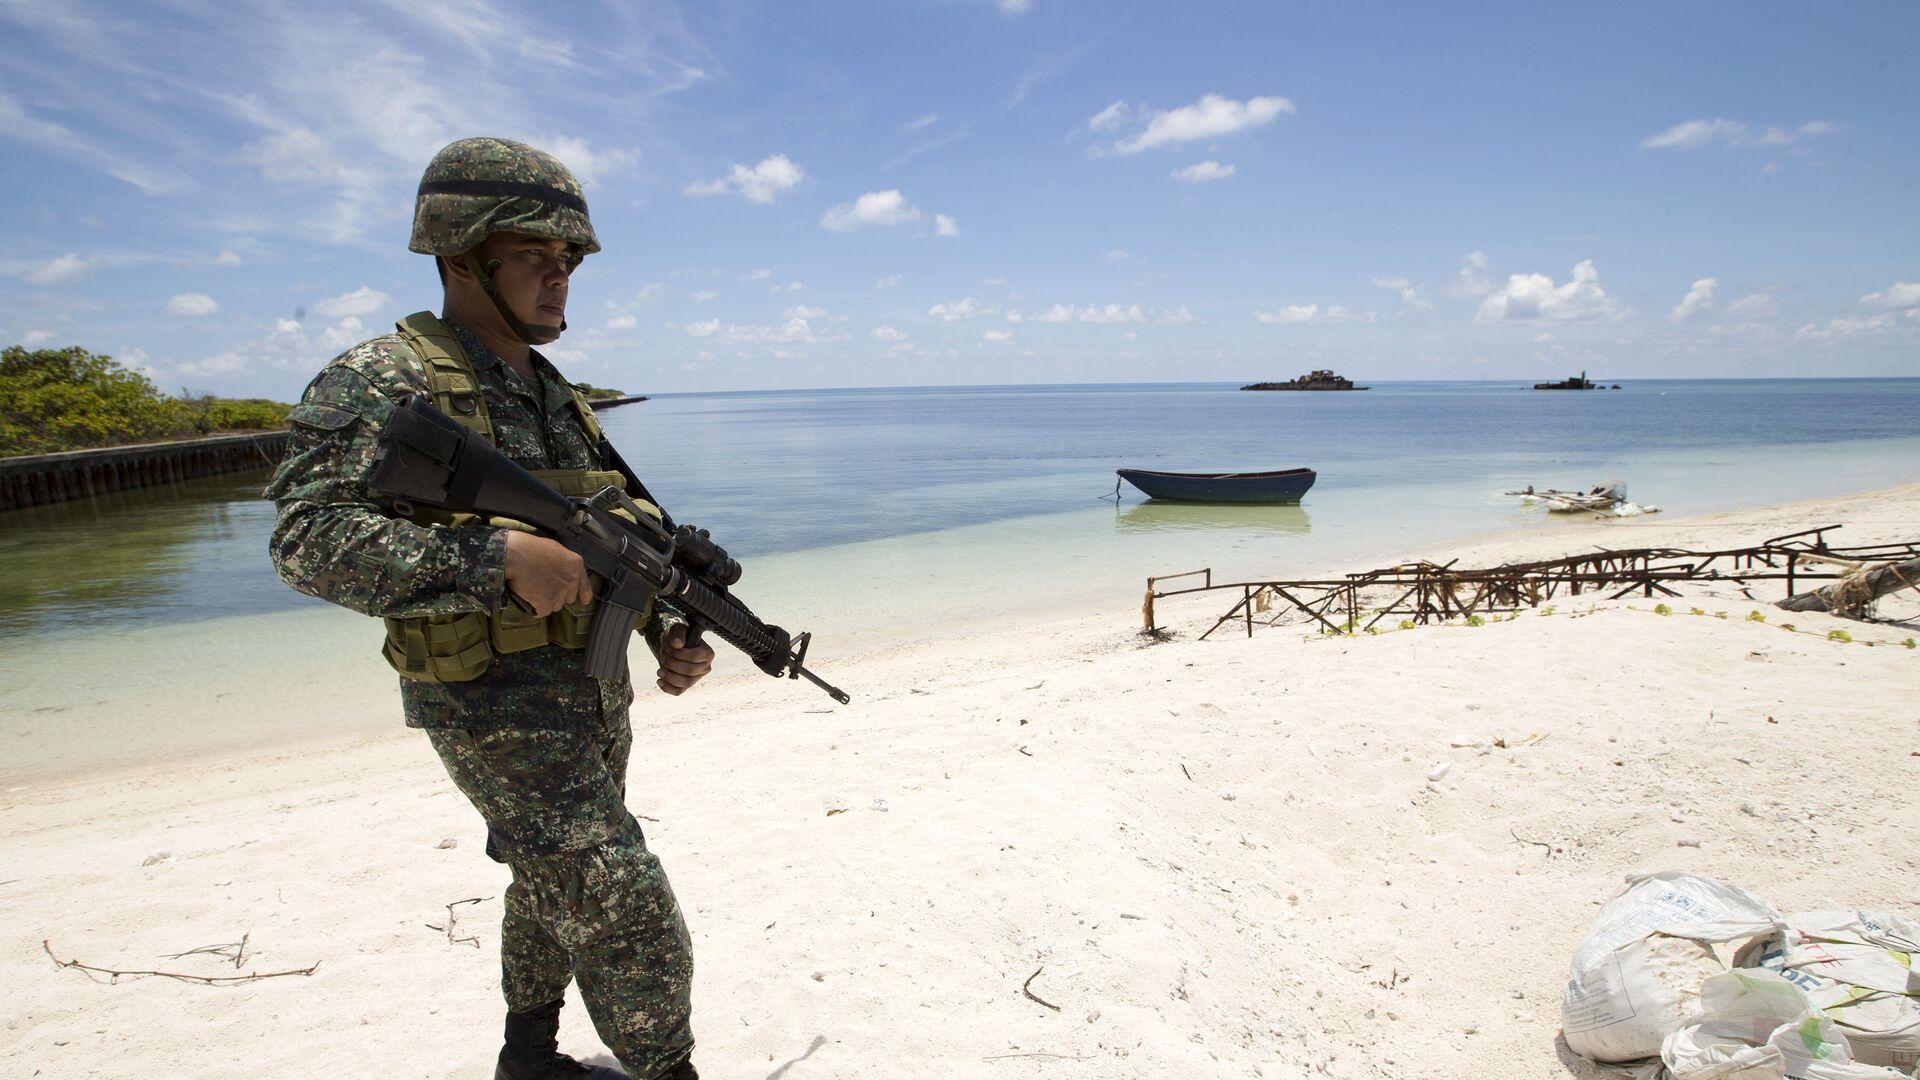 Филиппинский военный на на острове Титу в Южно-Китайском море - РИА Новости, 1920, 04.05.2021